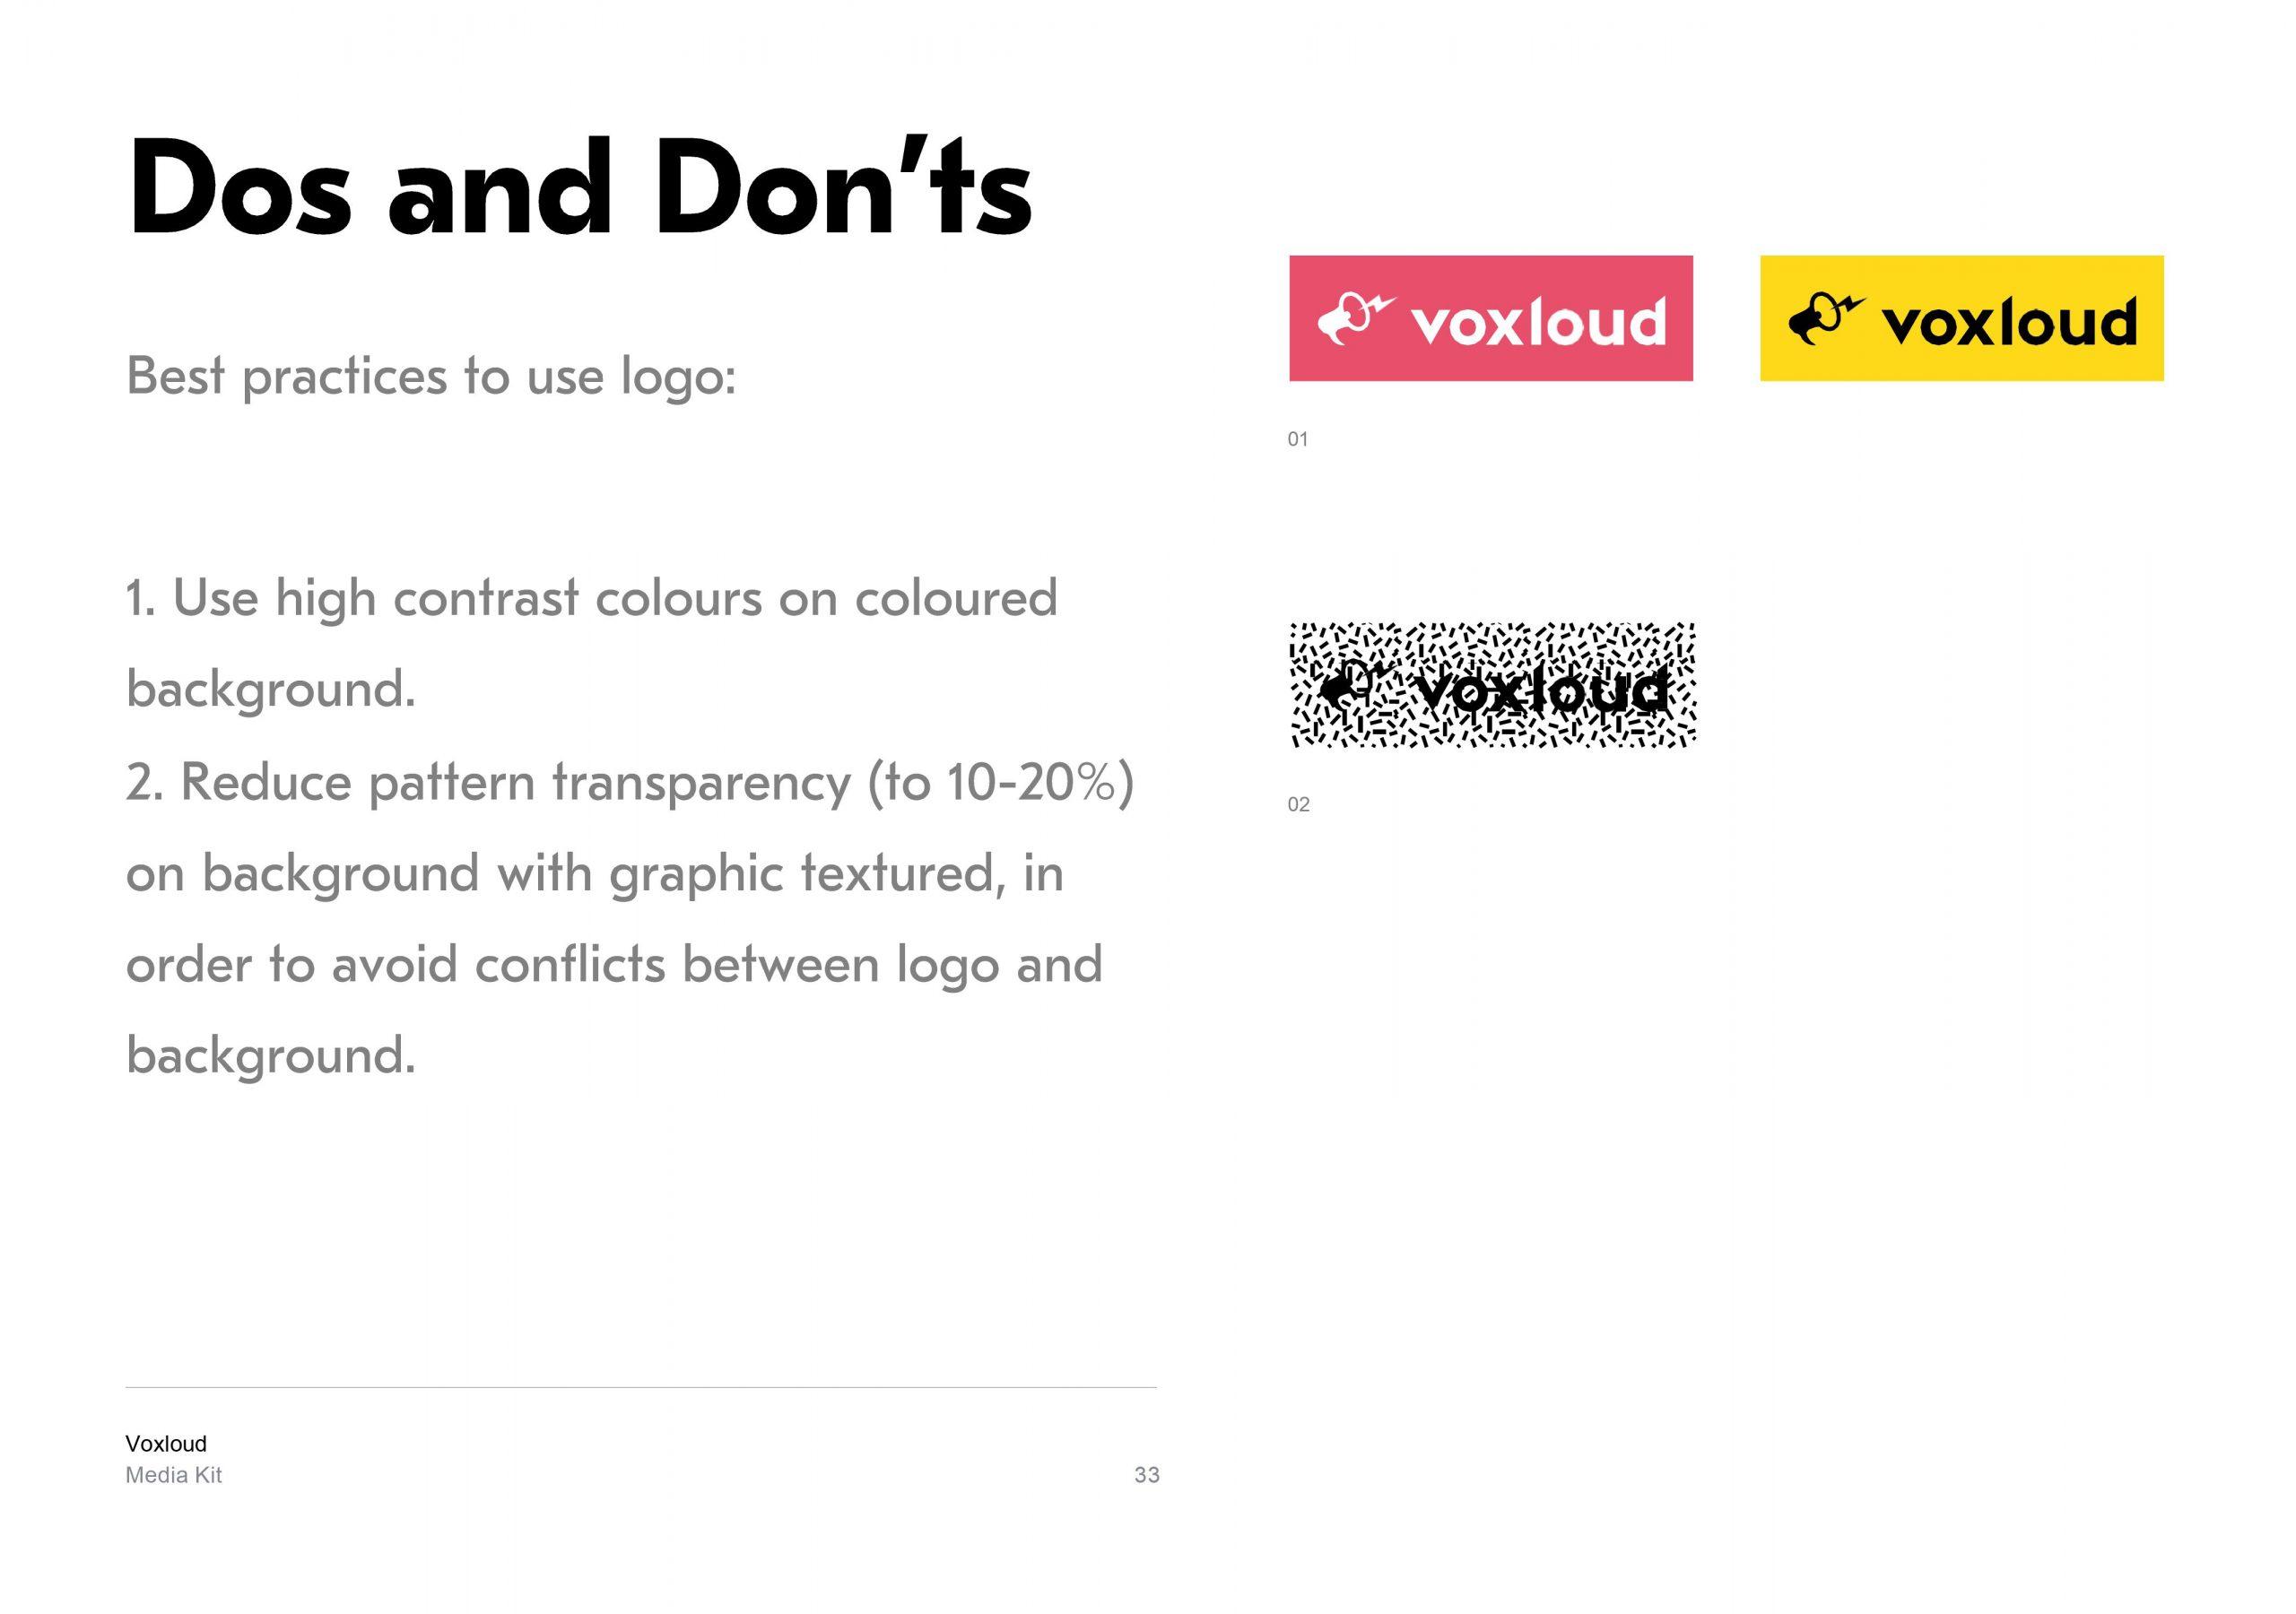 Voxloud Media Kit_33